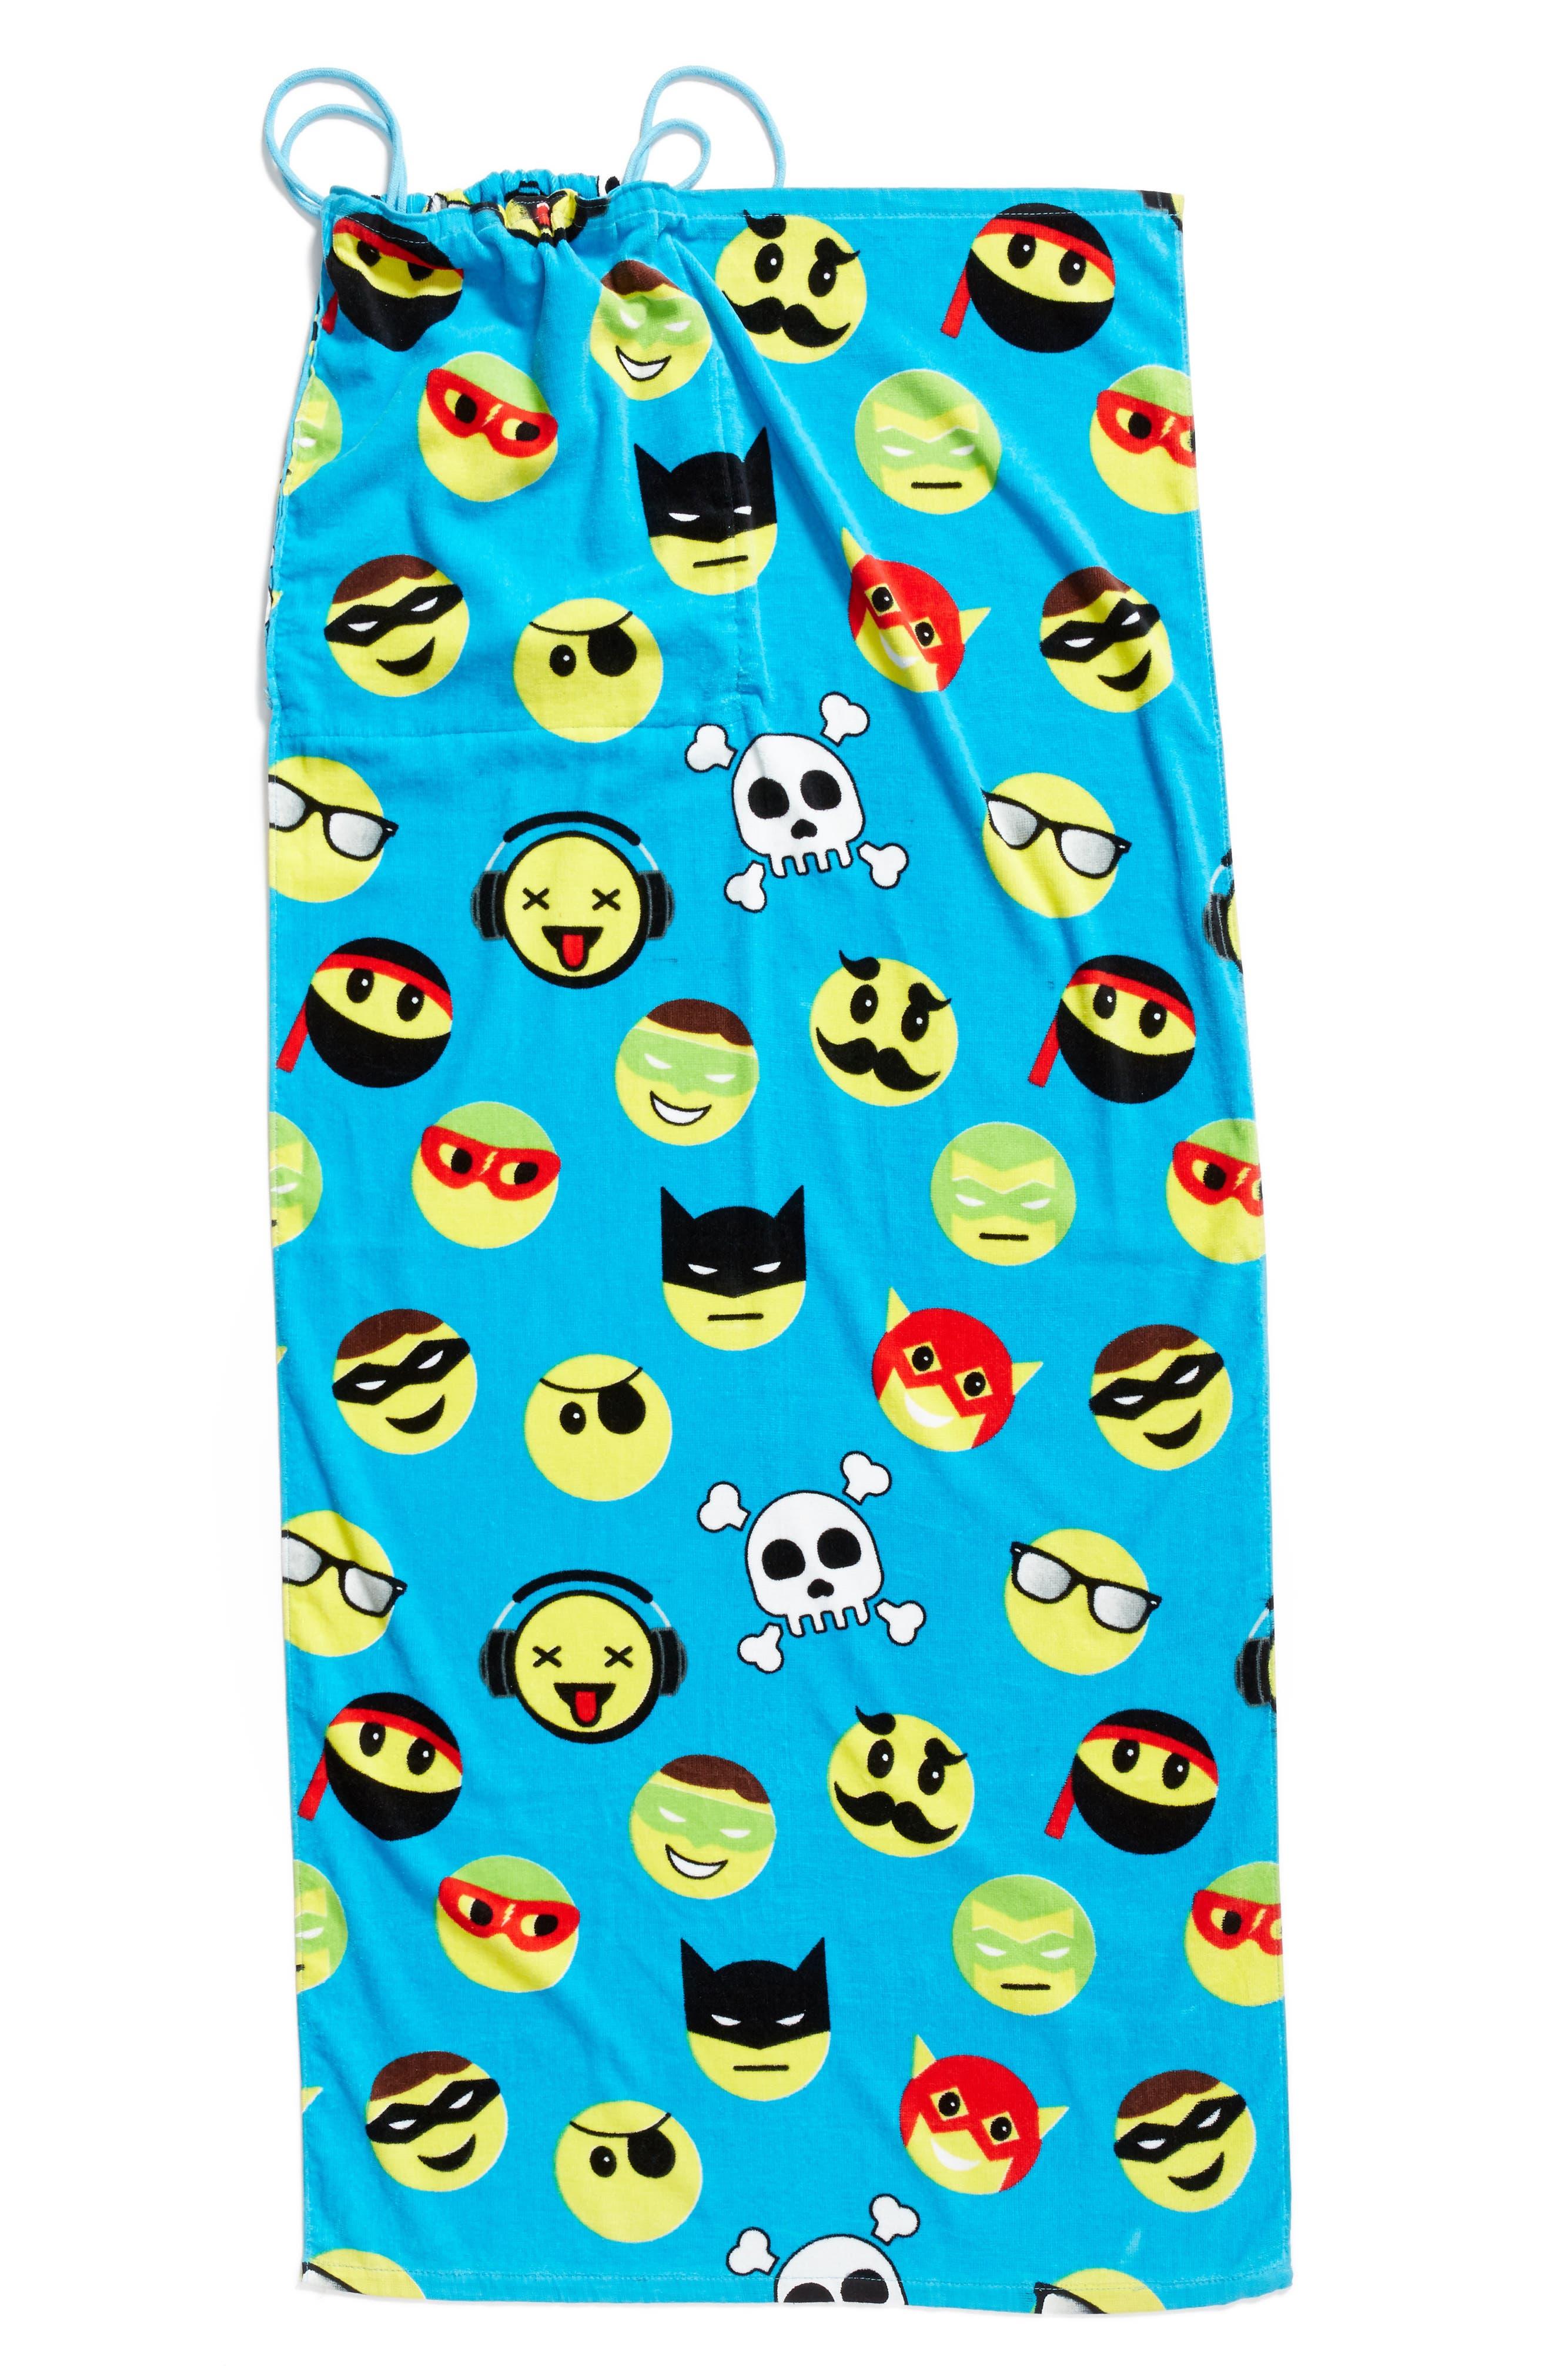 Emoji Towel Drawstring Bag,                             Alternate thumbnail 4, color,                             401